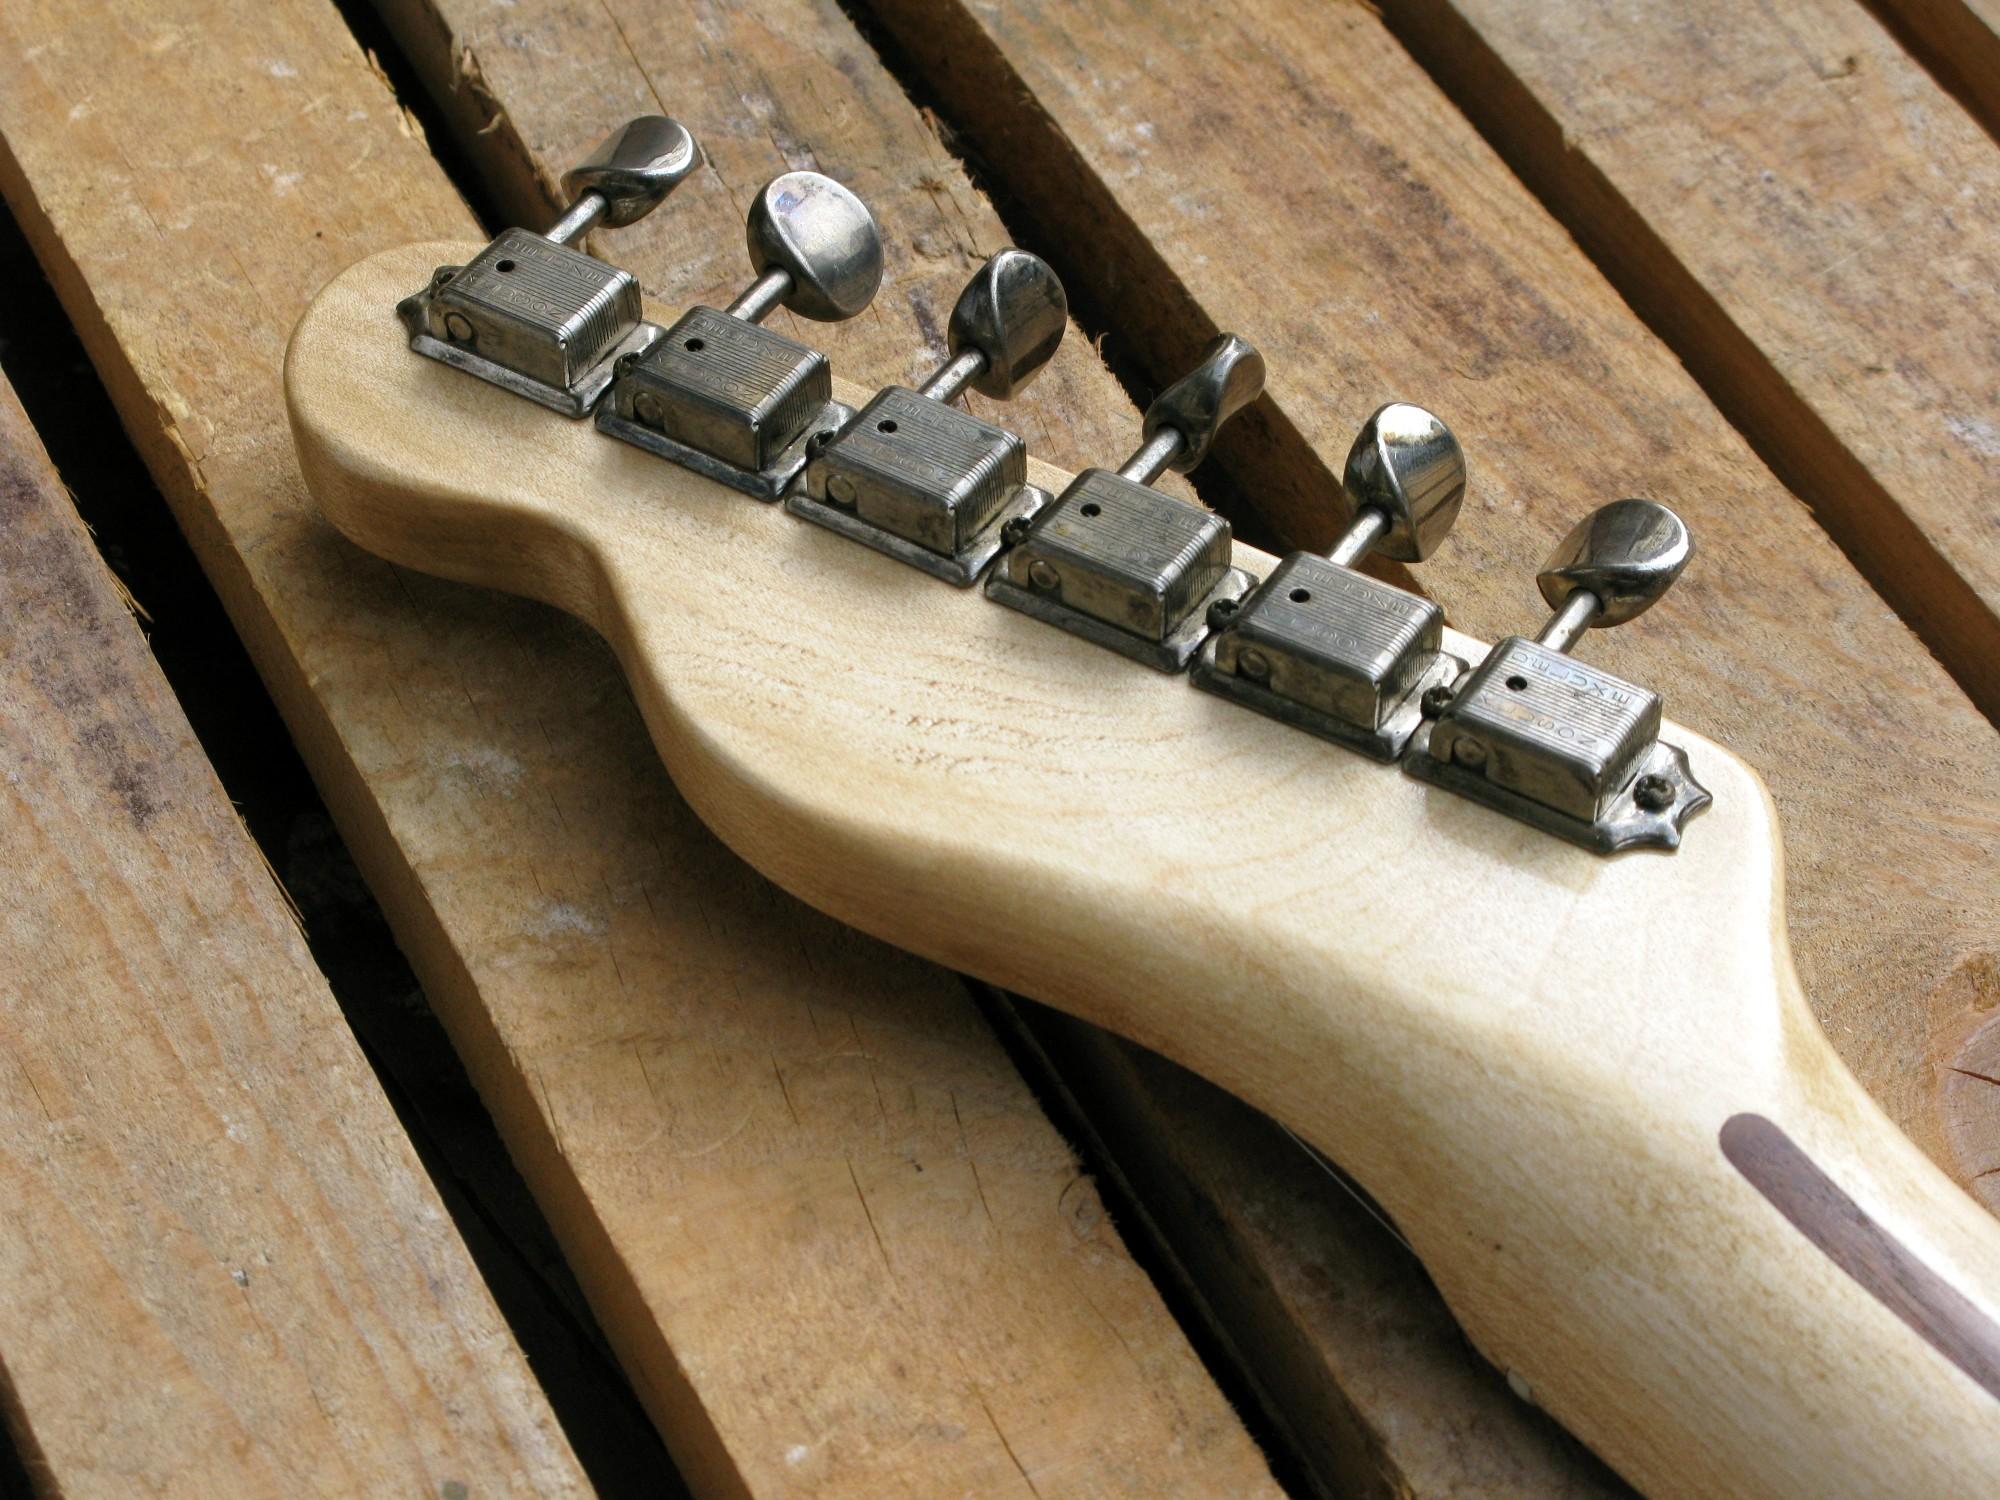 Meccaniche e paletta in acero di una chitarra Telecaster in castagno con top in pelle di mucca